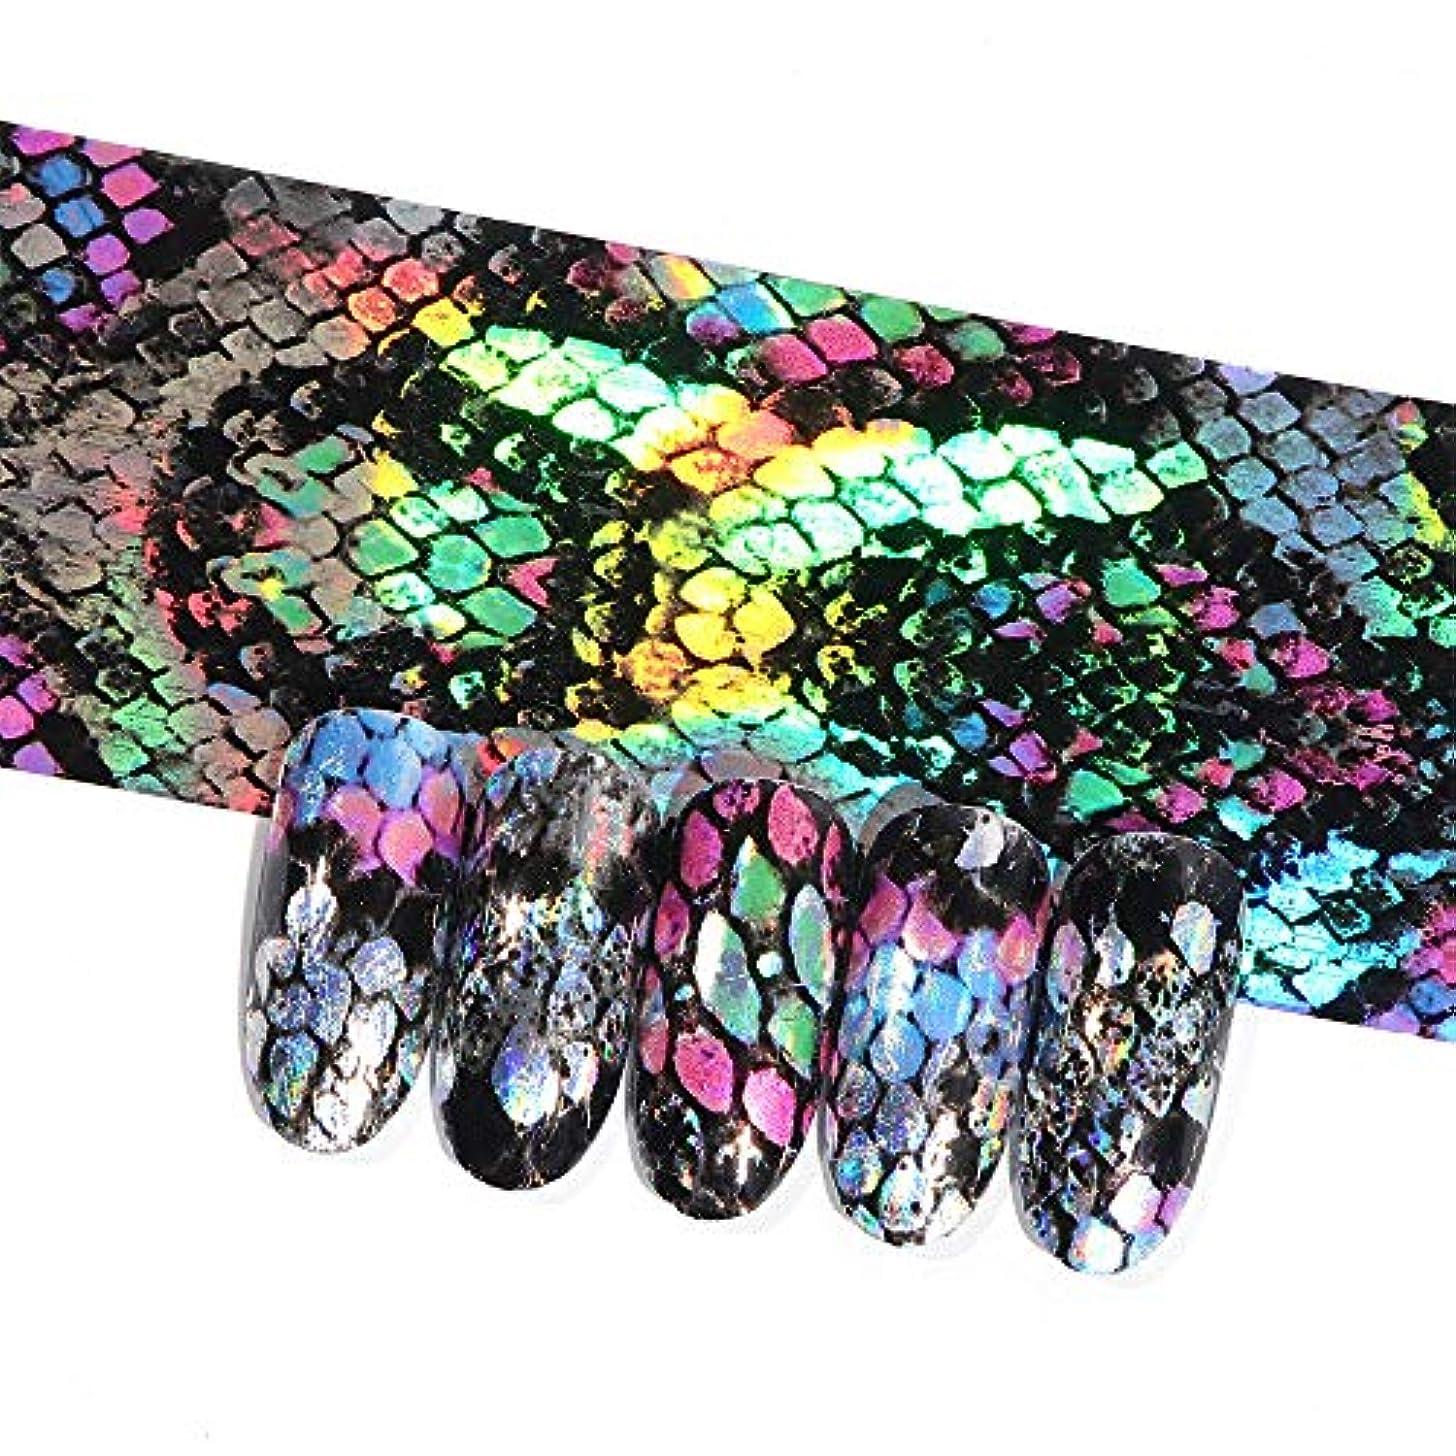 キリスト教証拠ねじれ16ピースホログラフィック蛇行ネイル転写箔ステッカーヘビレーザーミックス色粘着ネイルアートフルラップ装飾